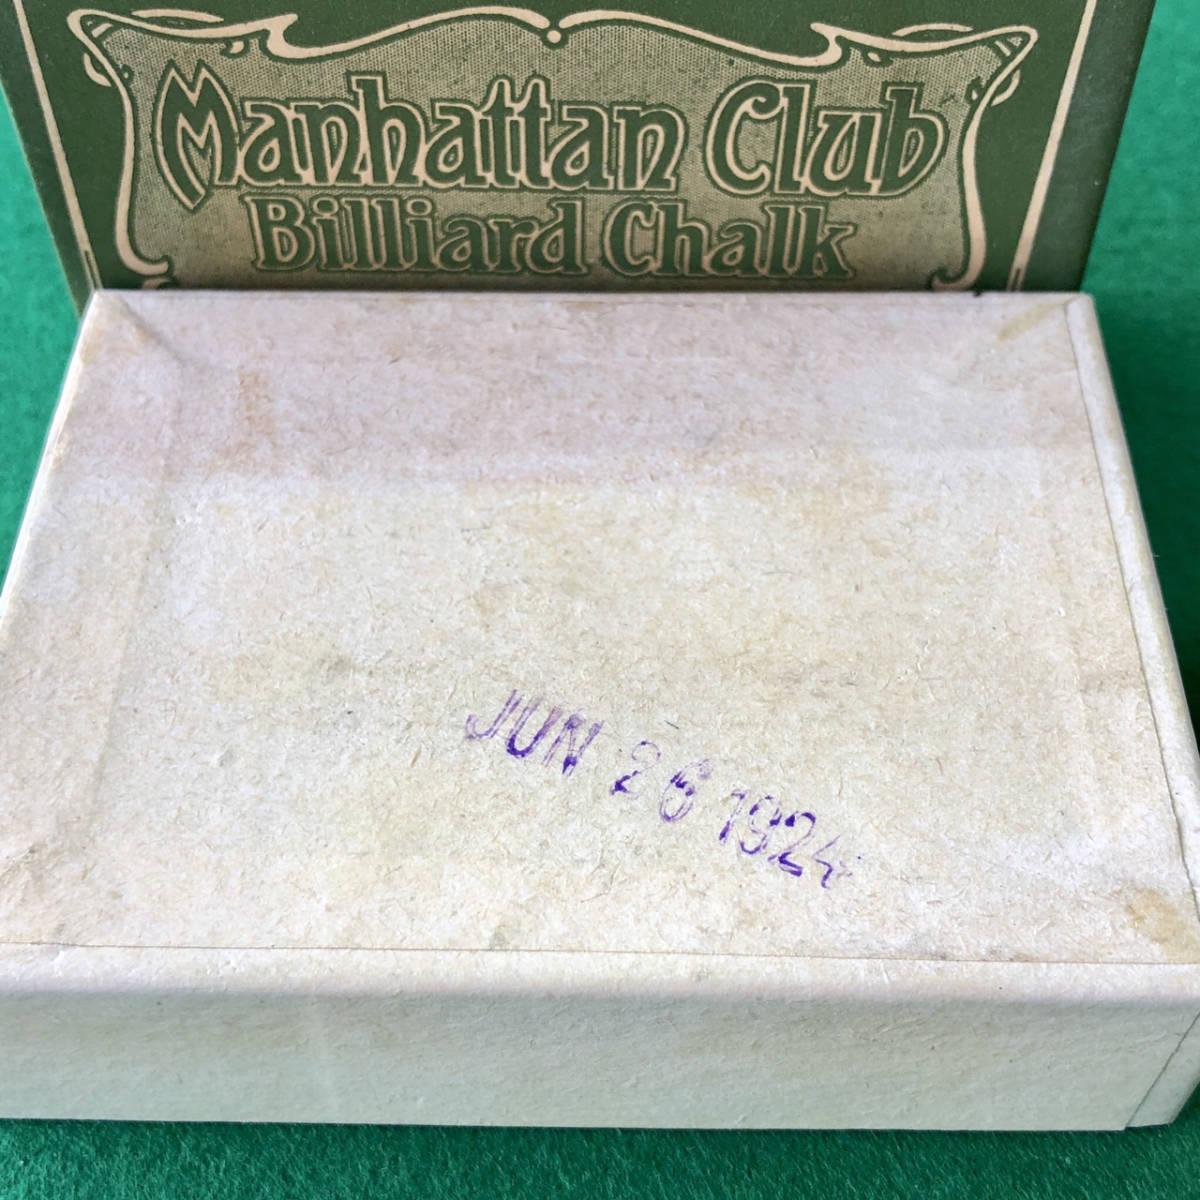 ビリヤード チョーク ブランズウィック マンハッタンクラブ 緑 1箱(12個) 箱付き アンティーク_画像8